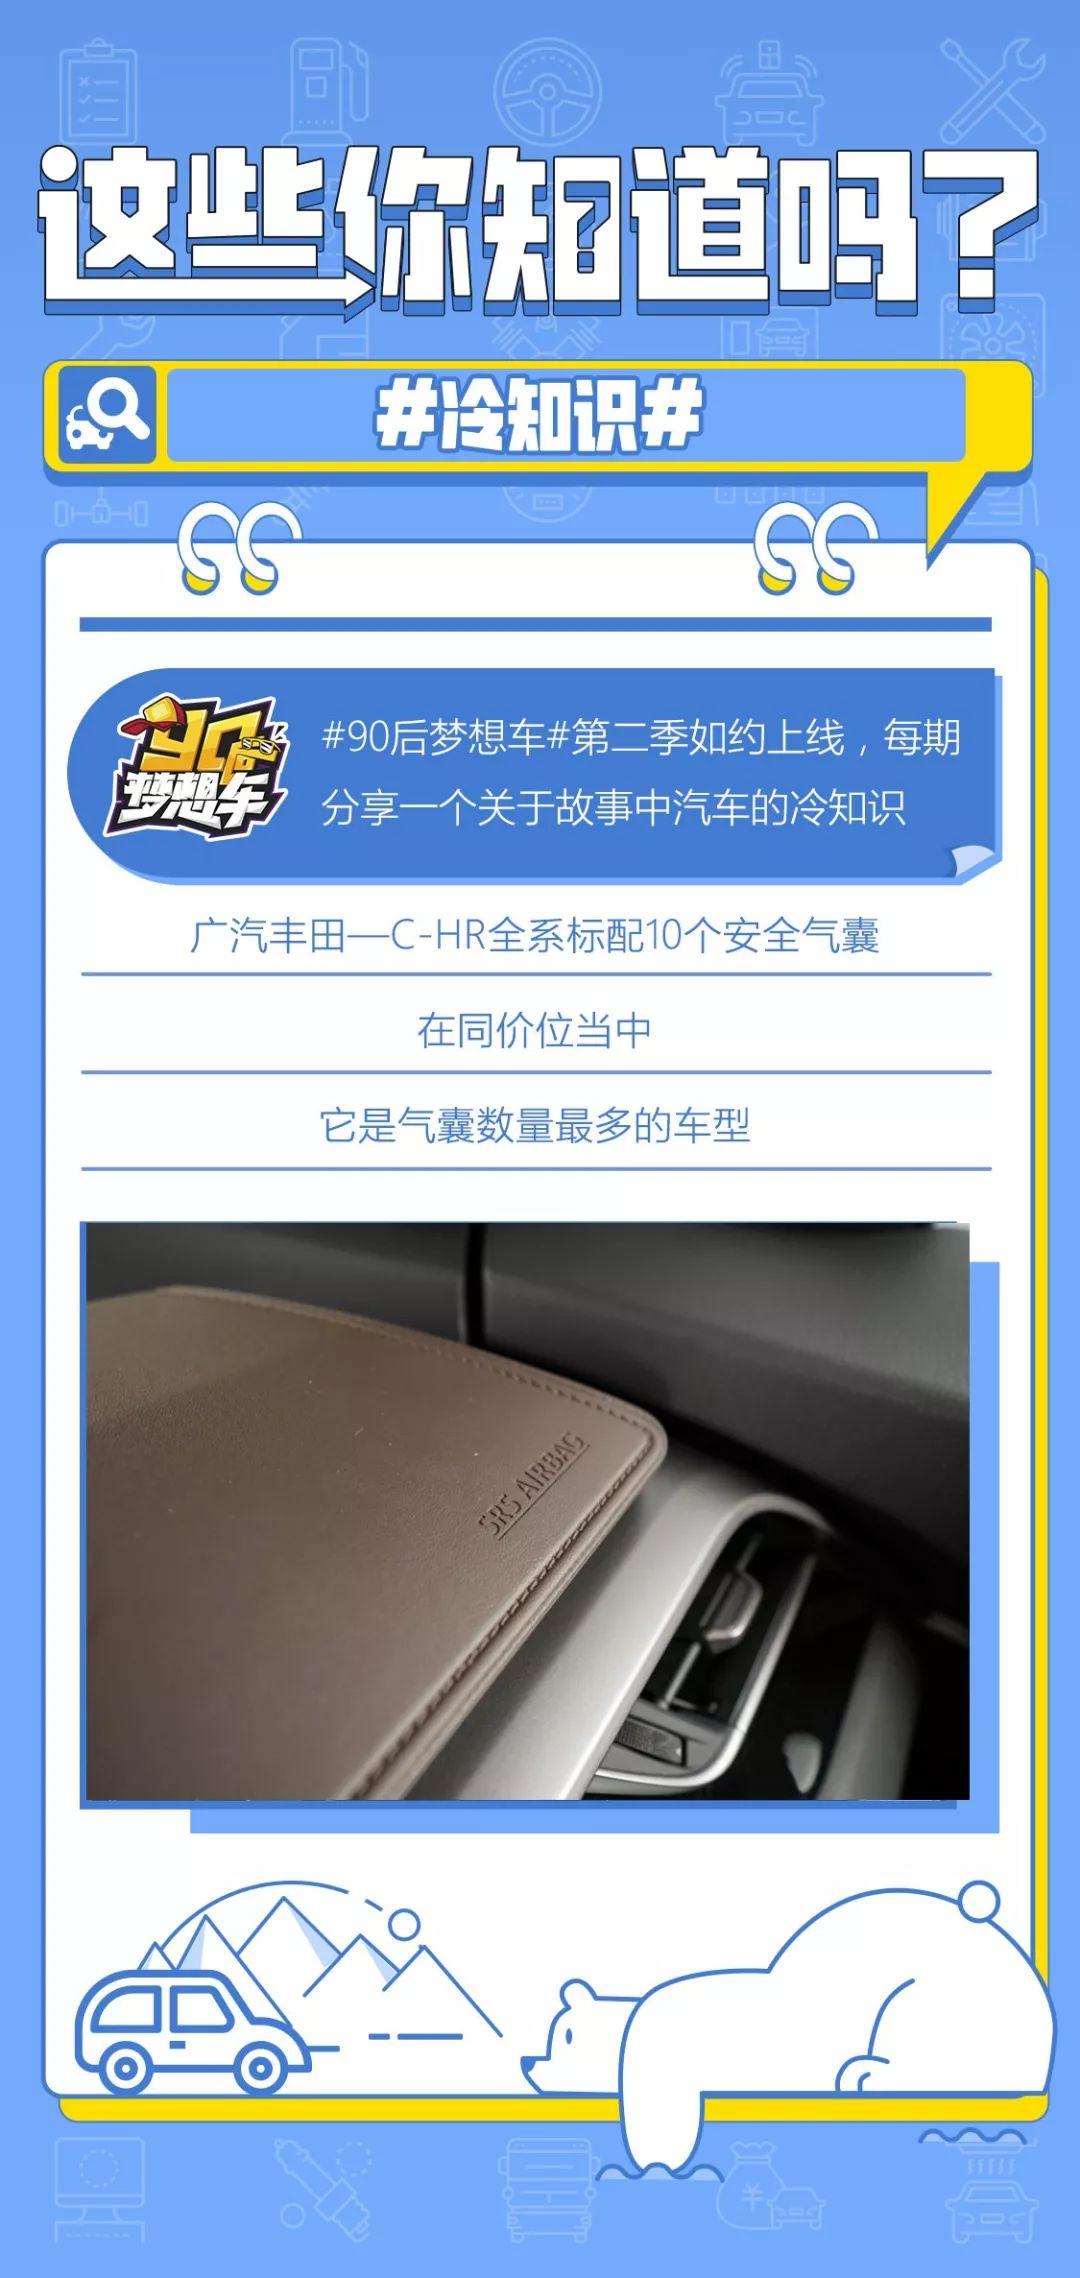 全系标配10个气囊和自动大灯!这台SUV安全配置超高,动力更足!